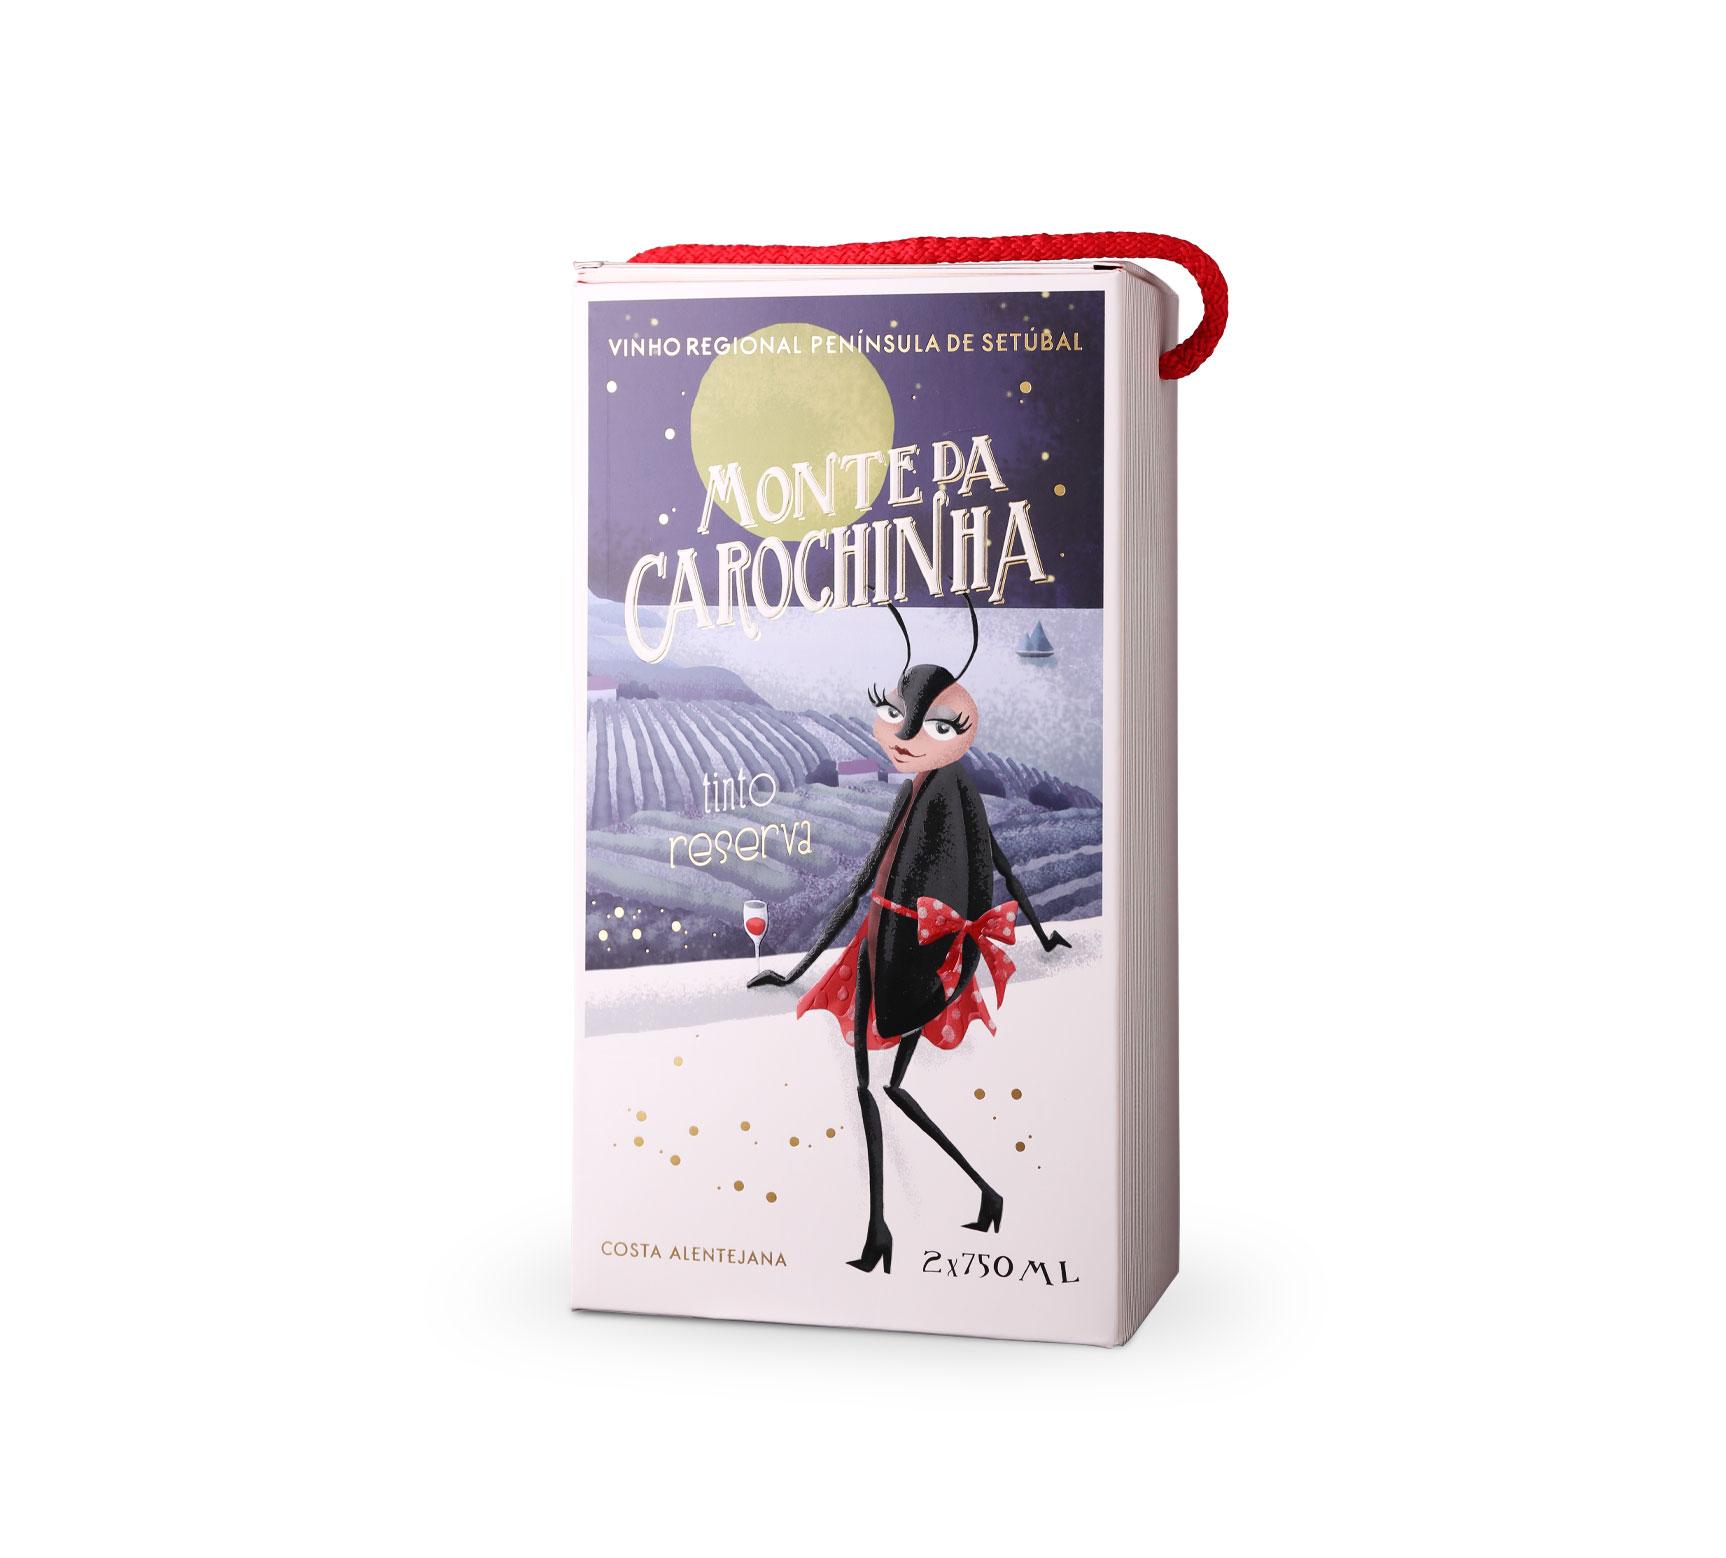 cx-monte-da-carochinha-2grfs-tinto